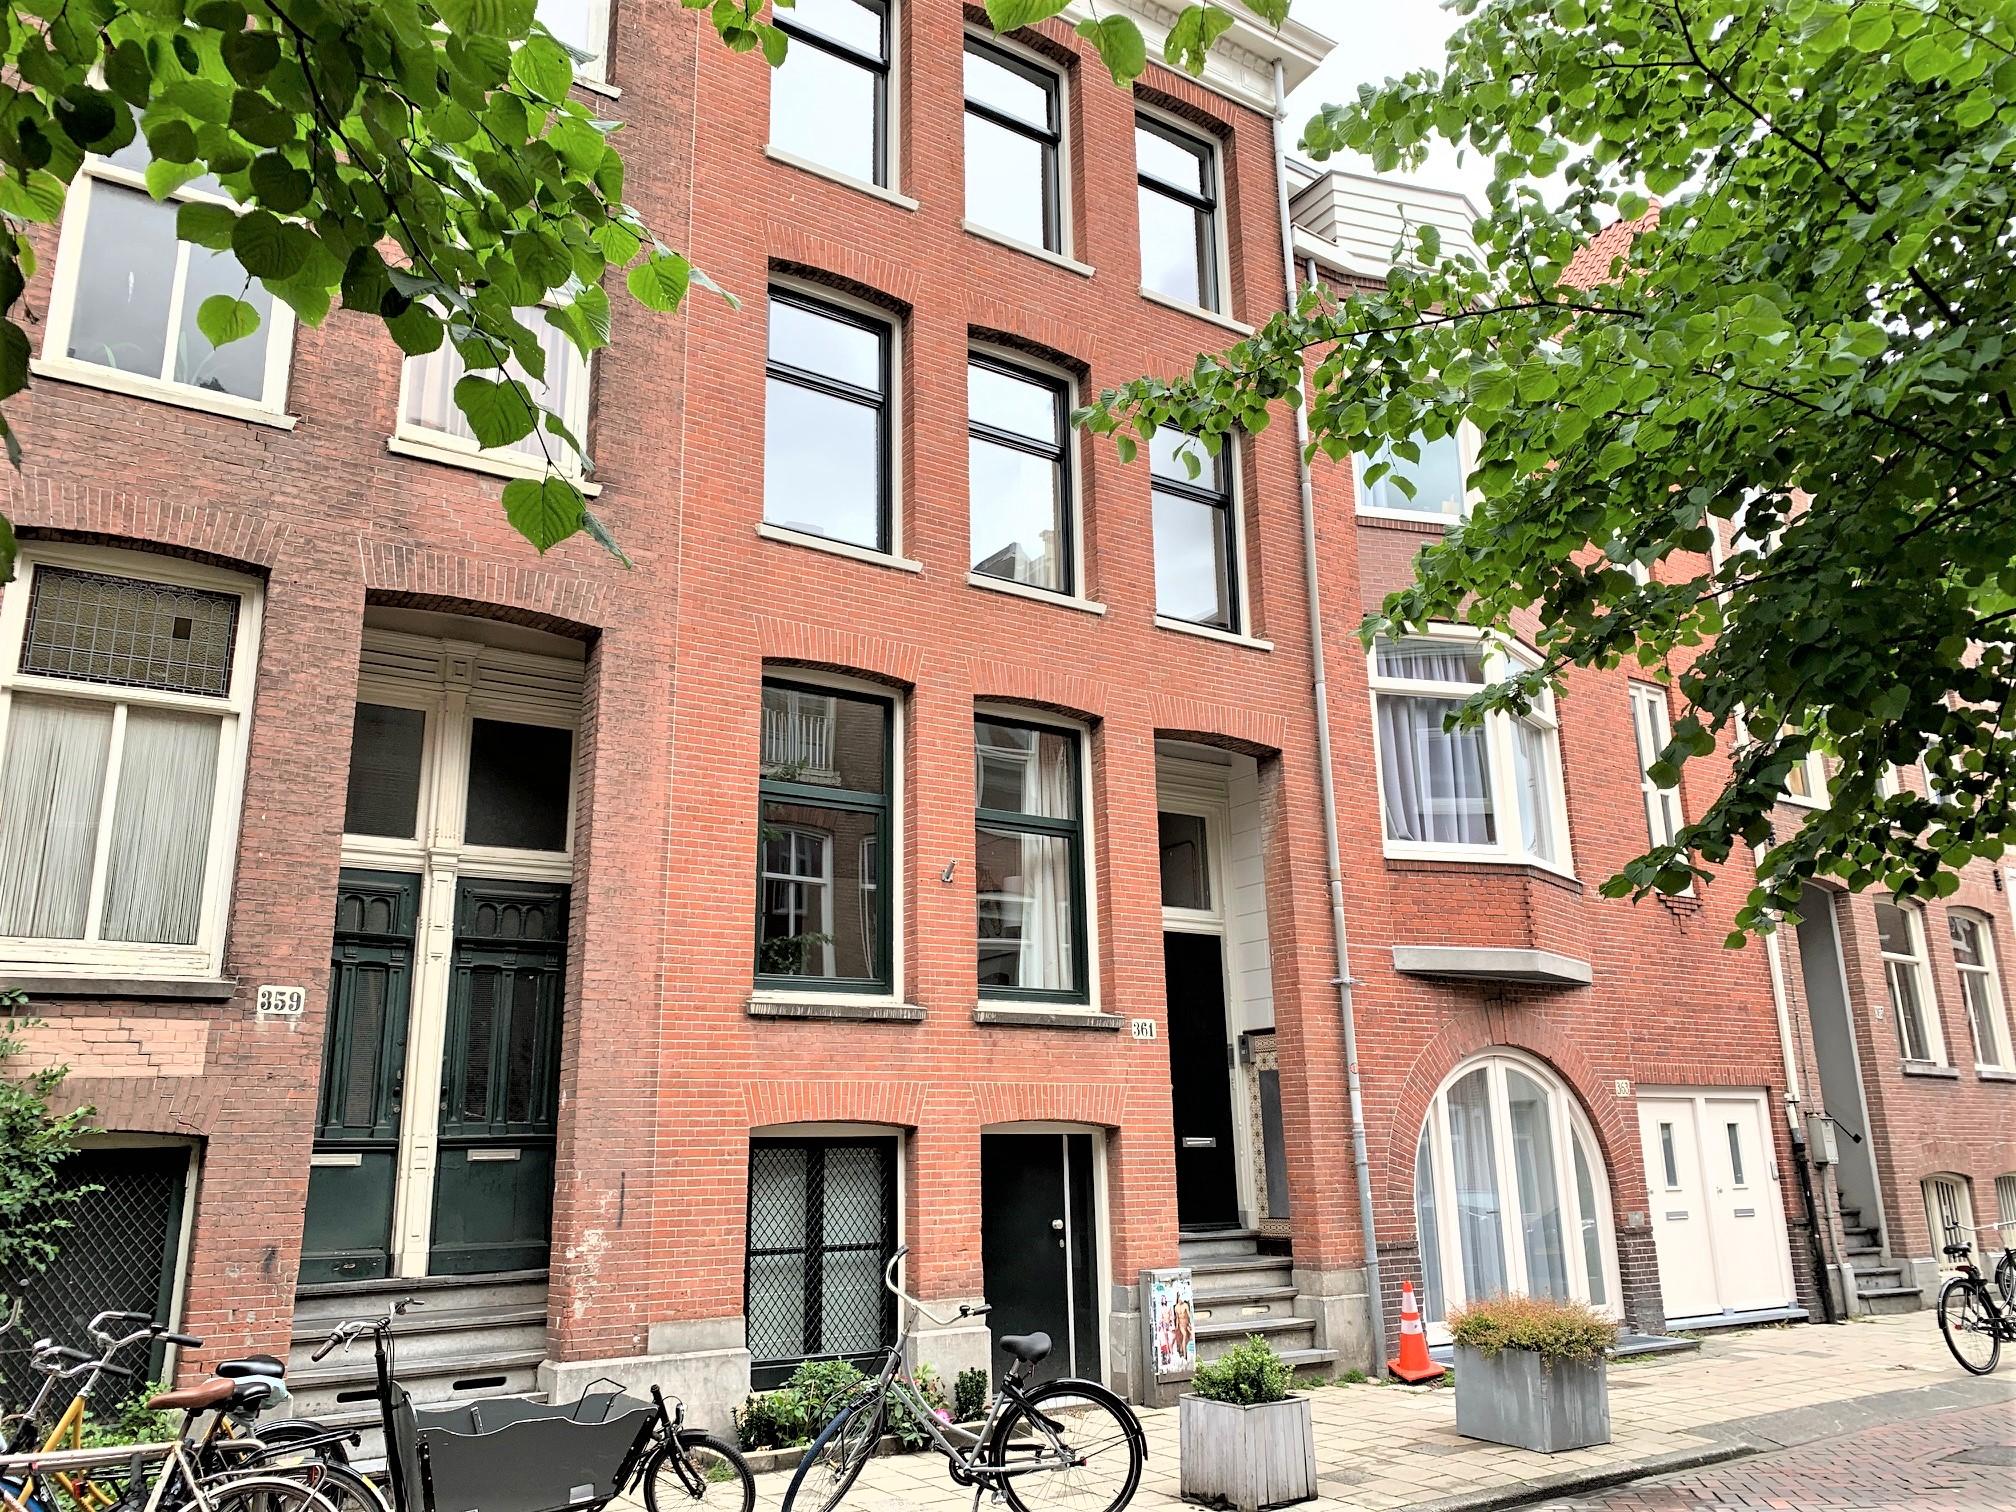 Govert Flinckstraat, Amsterdam